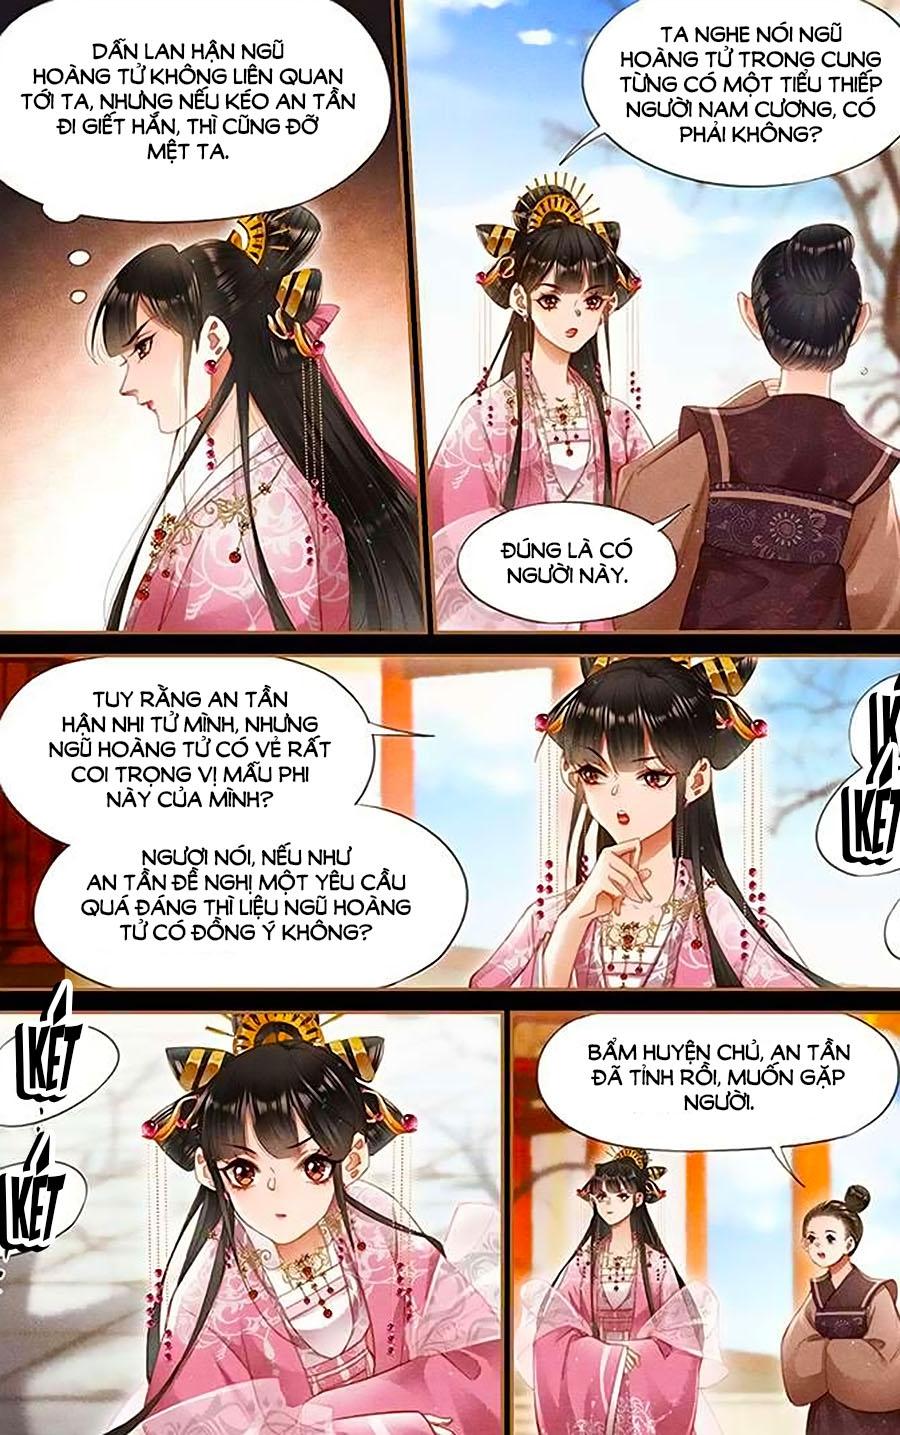 Thần Y Đích Nữ chap 277 - Trang 7